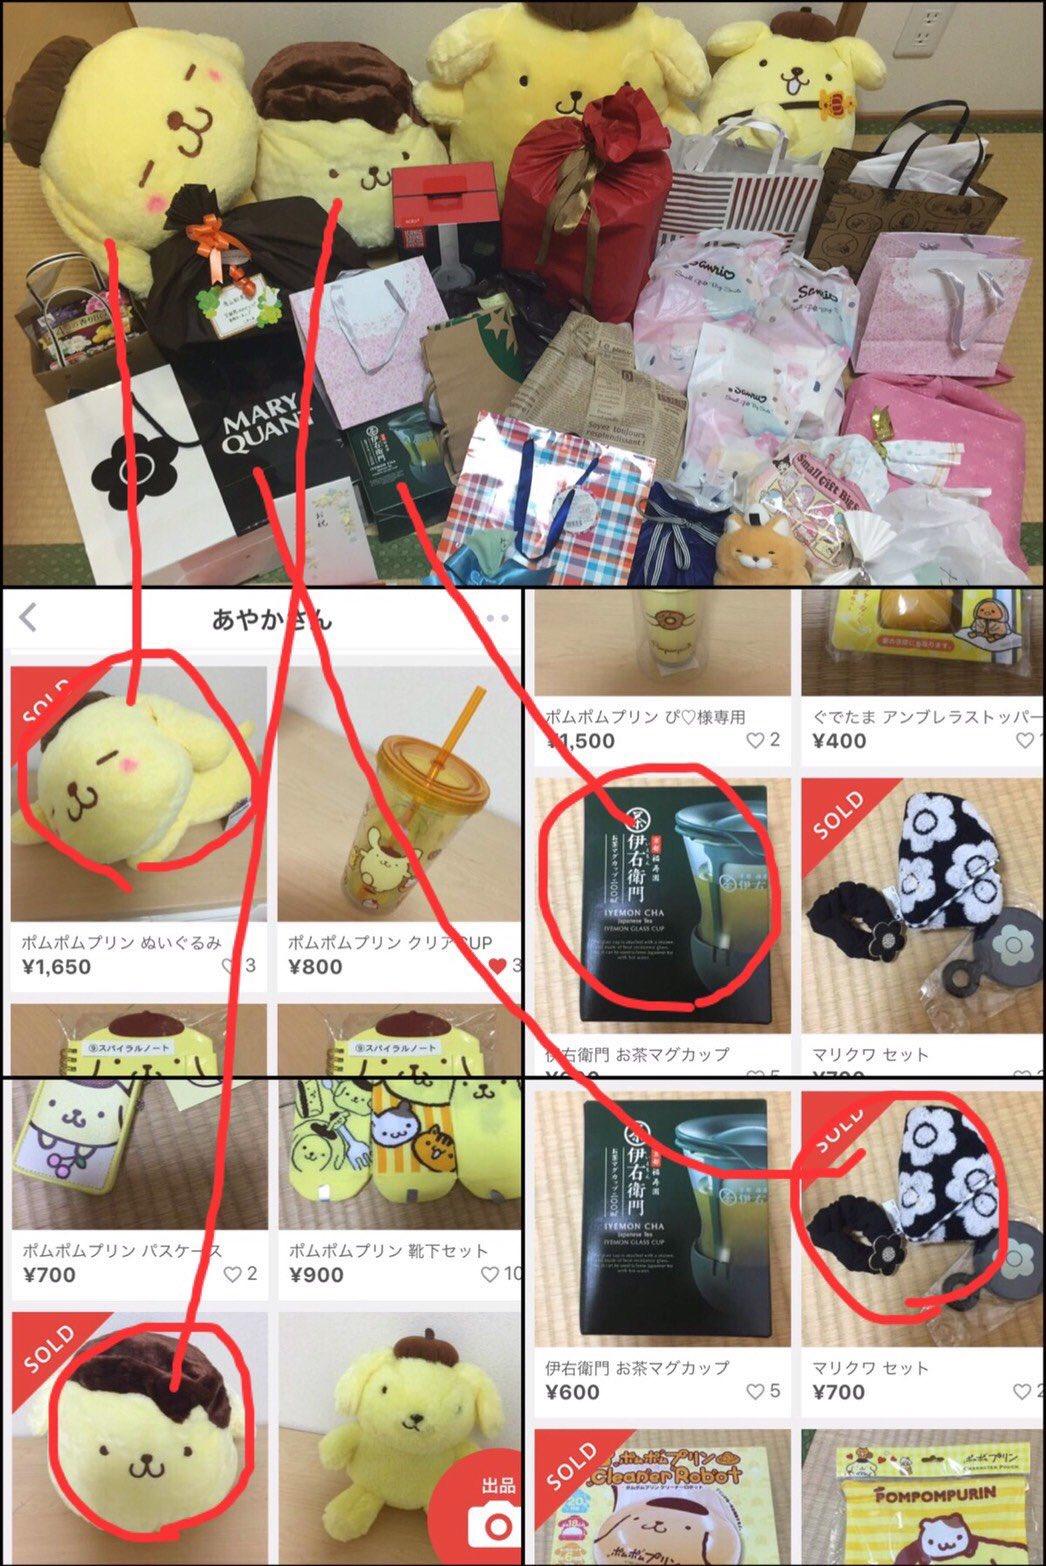 【悲報】広島アイドルグループがファンから貰ったプレゼントをメルカリに出品発覚wwwwwwwwwwwwwwwのサムネイル画像